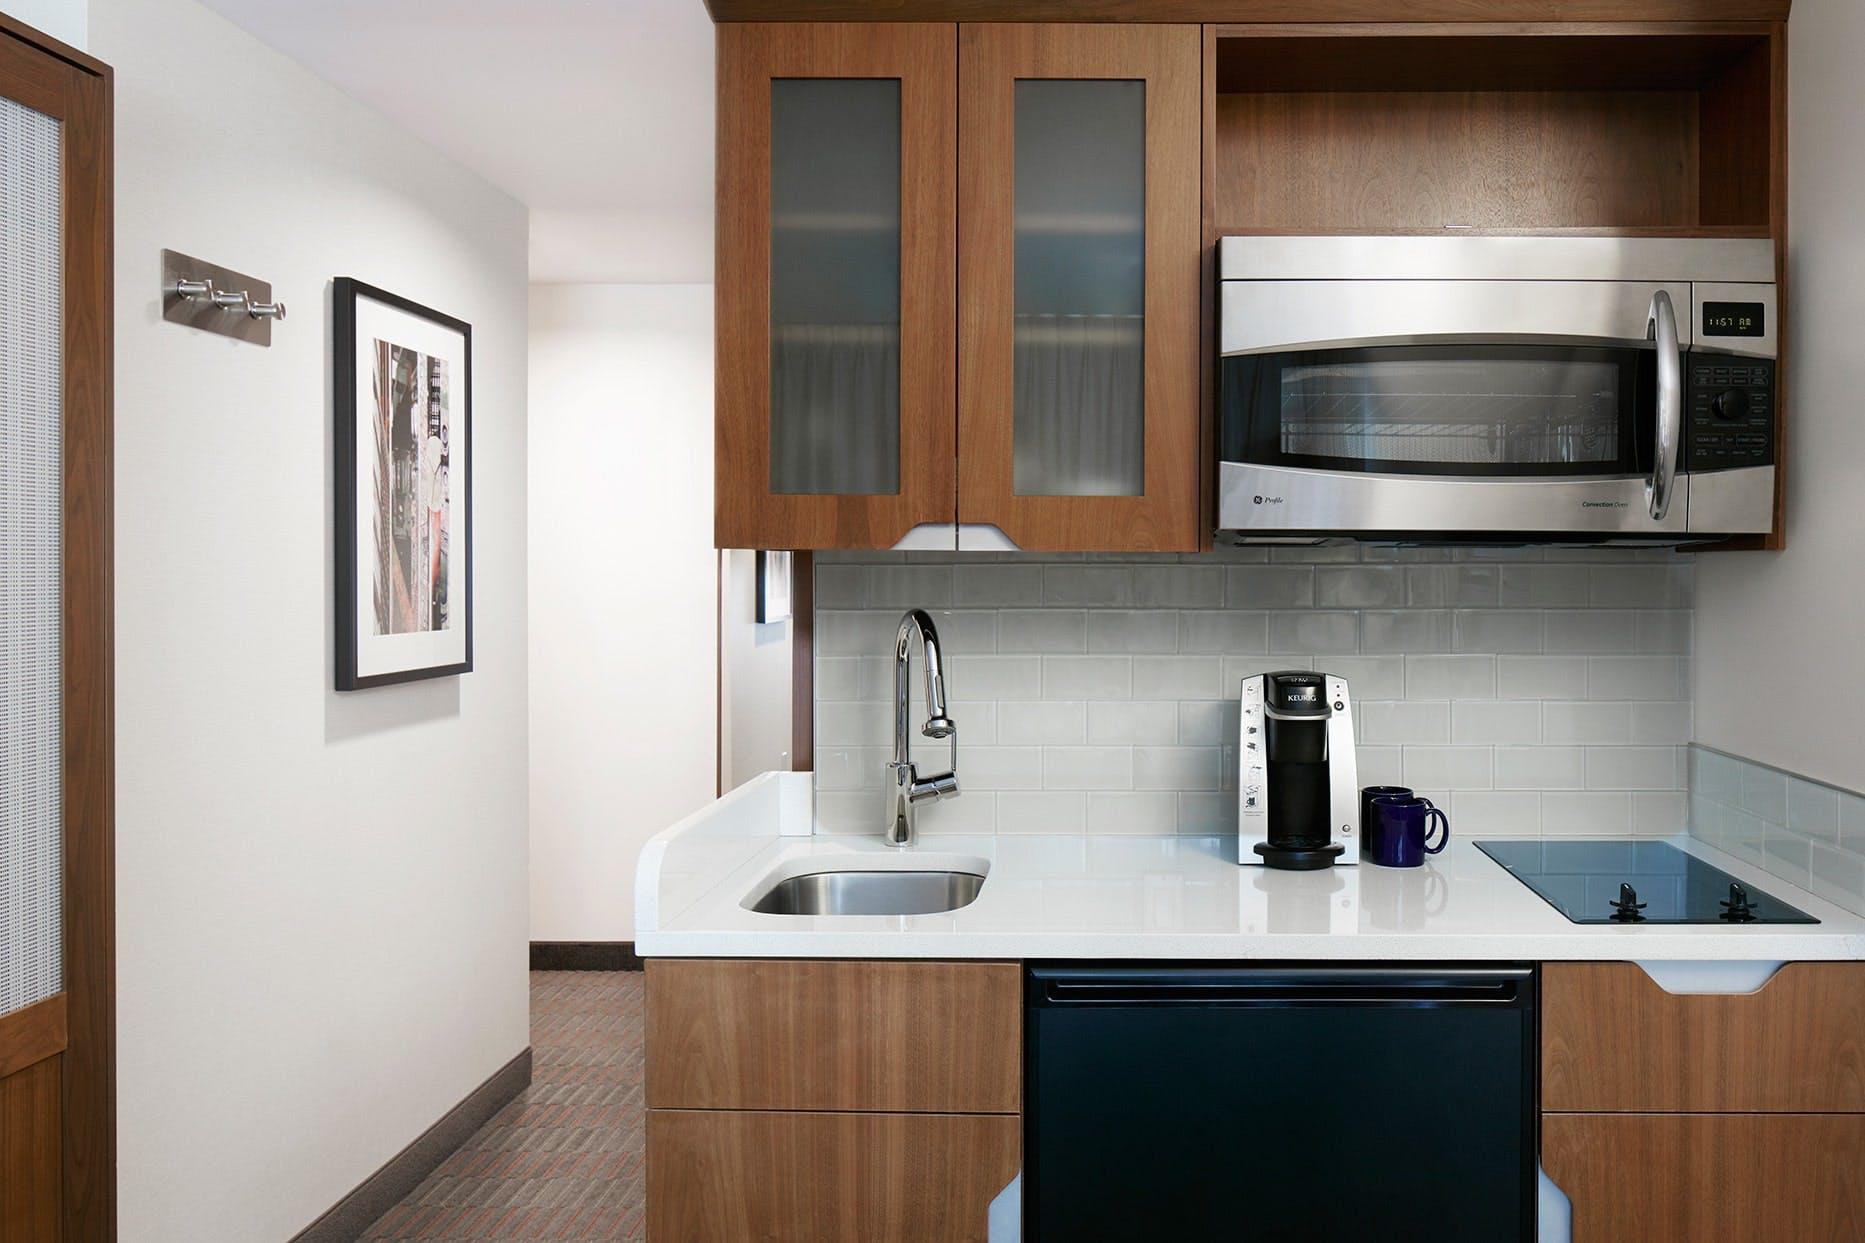 Superior - Studio Apartment at Club Quarters Hotel, Grand Central